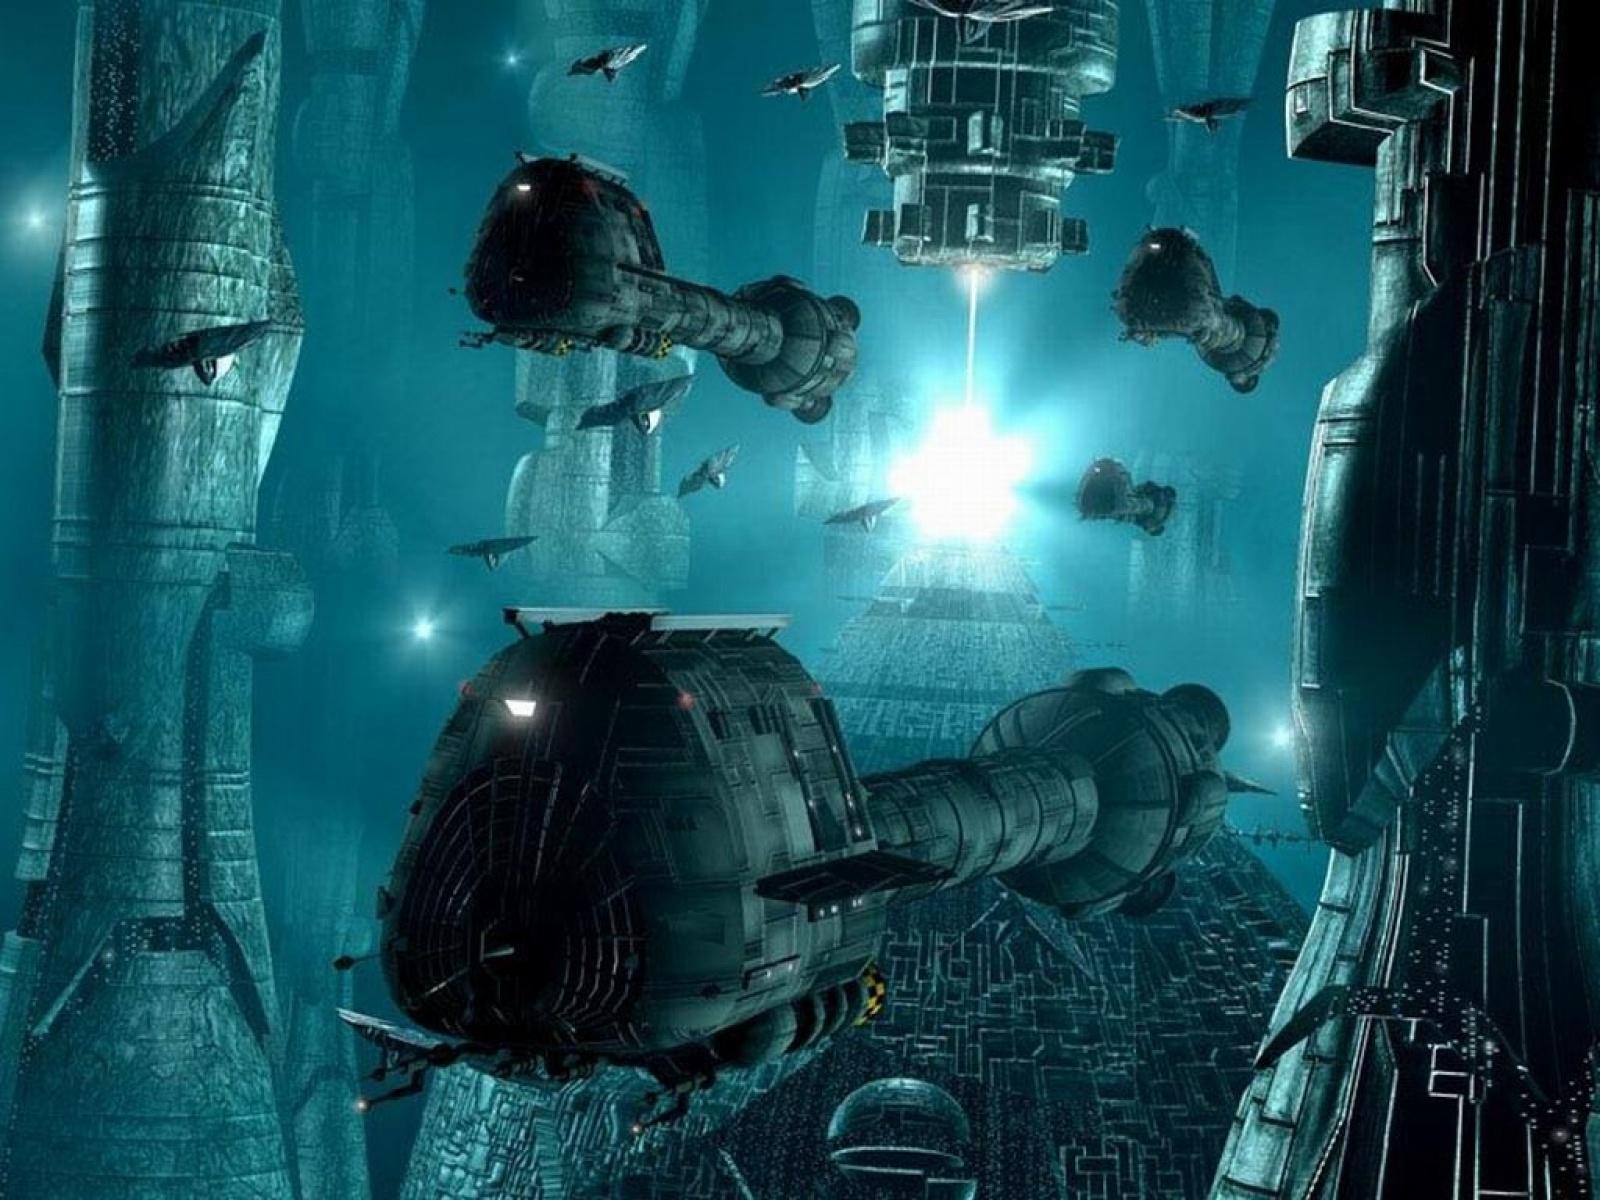 3D Space War Wallpaper - 7144